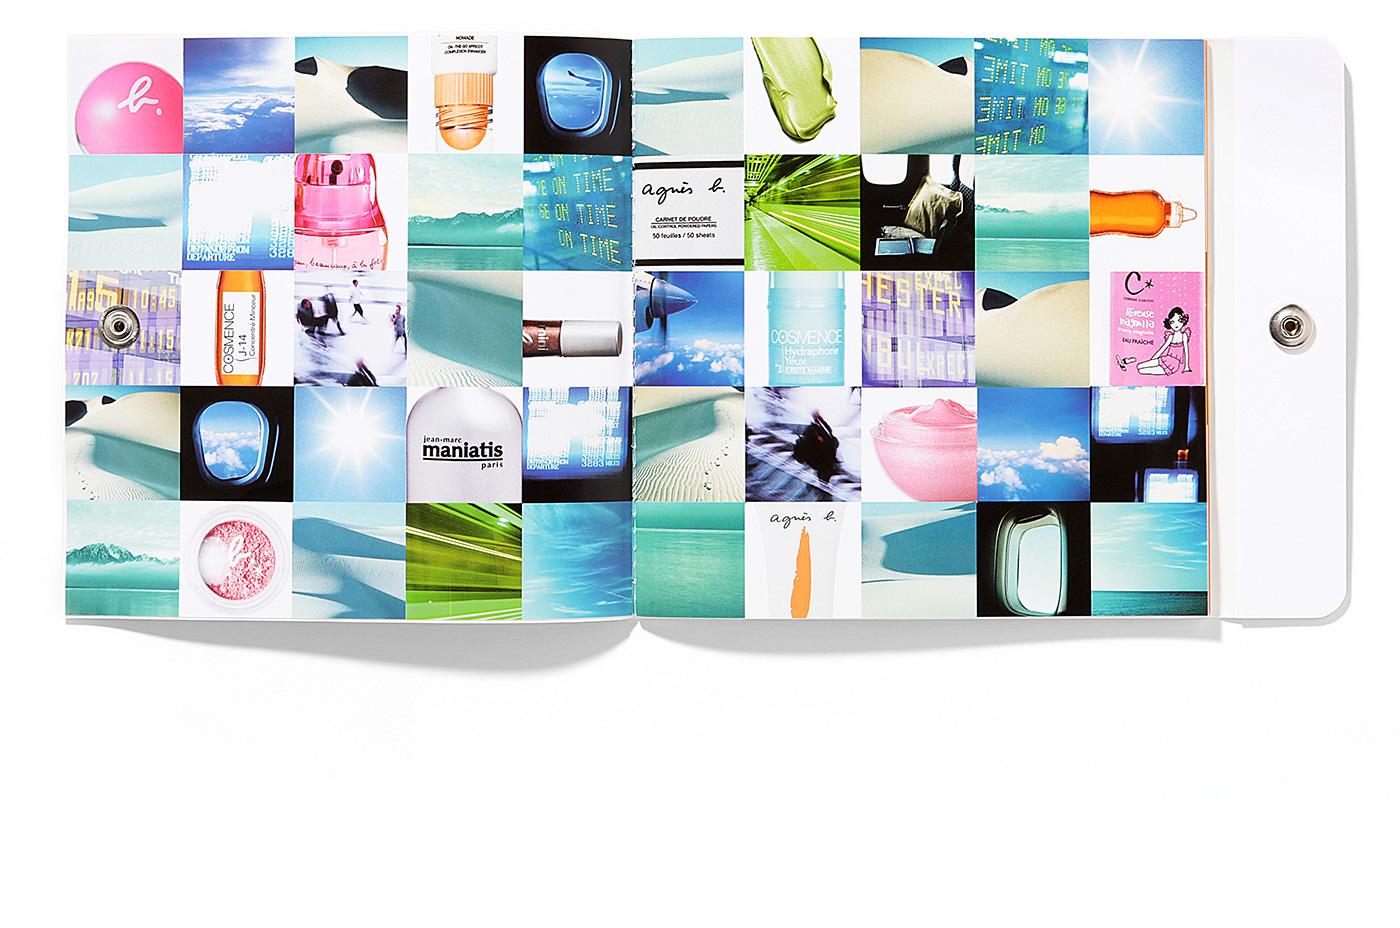 CCB-Concentre-Beaute-3-cadre-opti-eleve copie